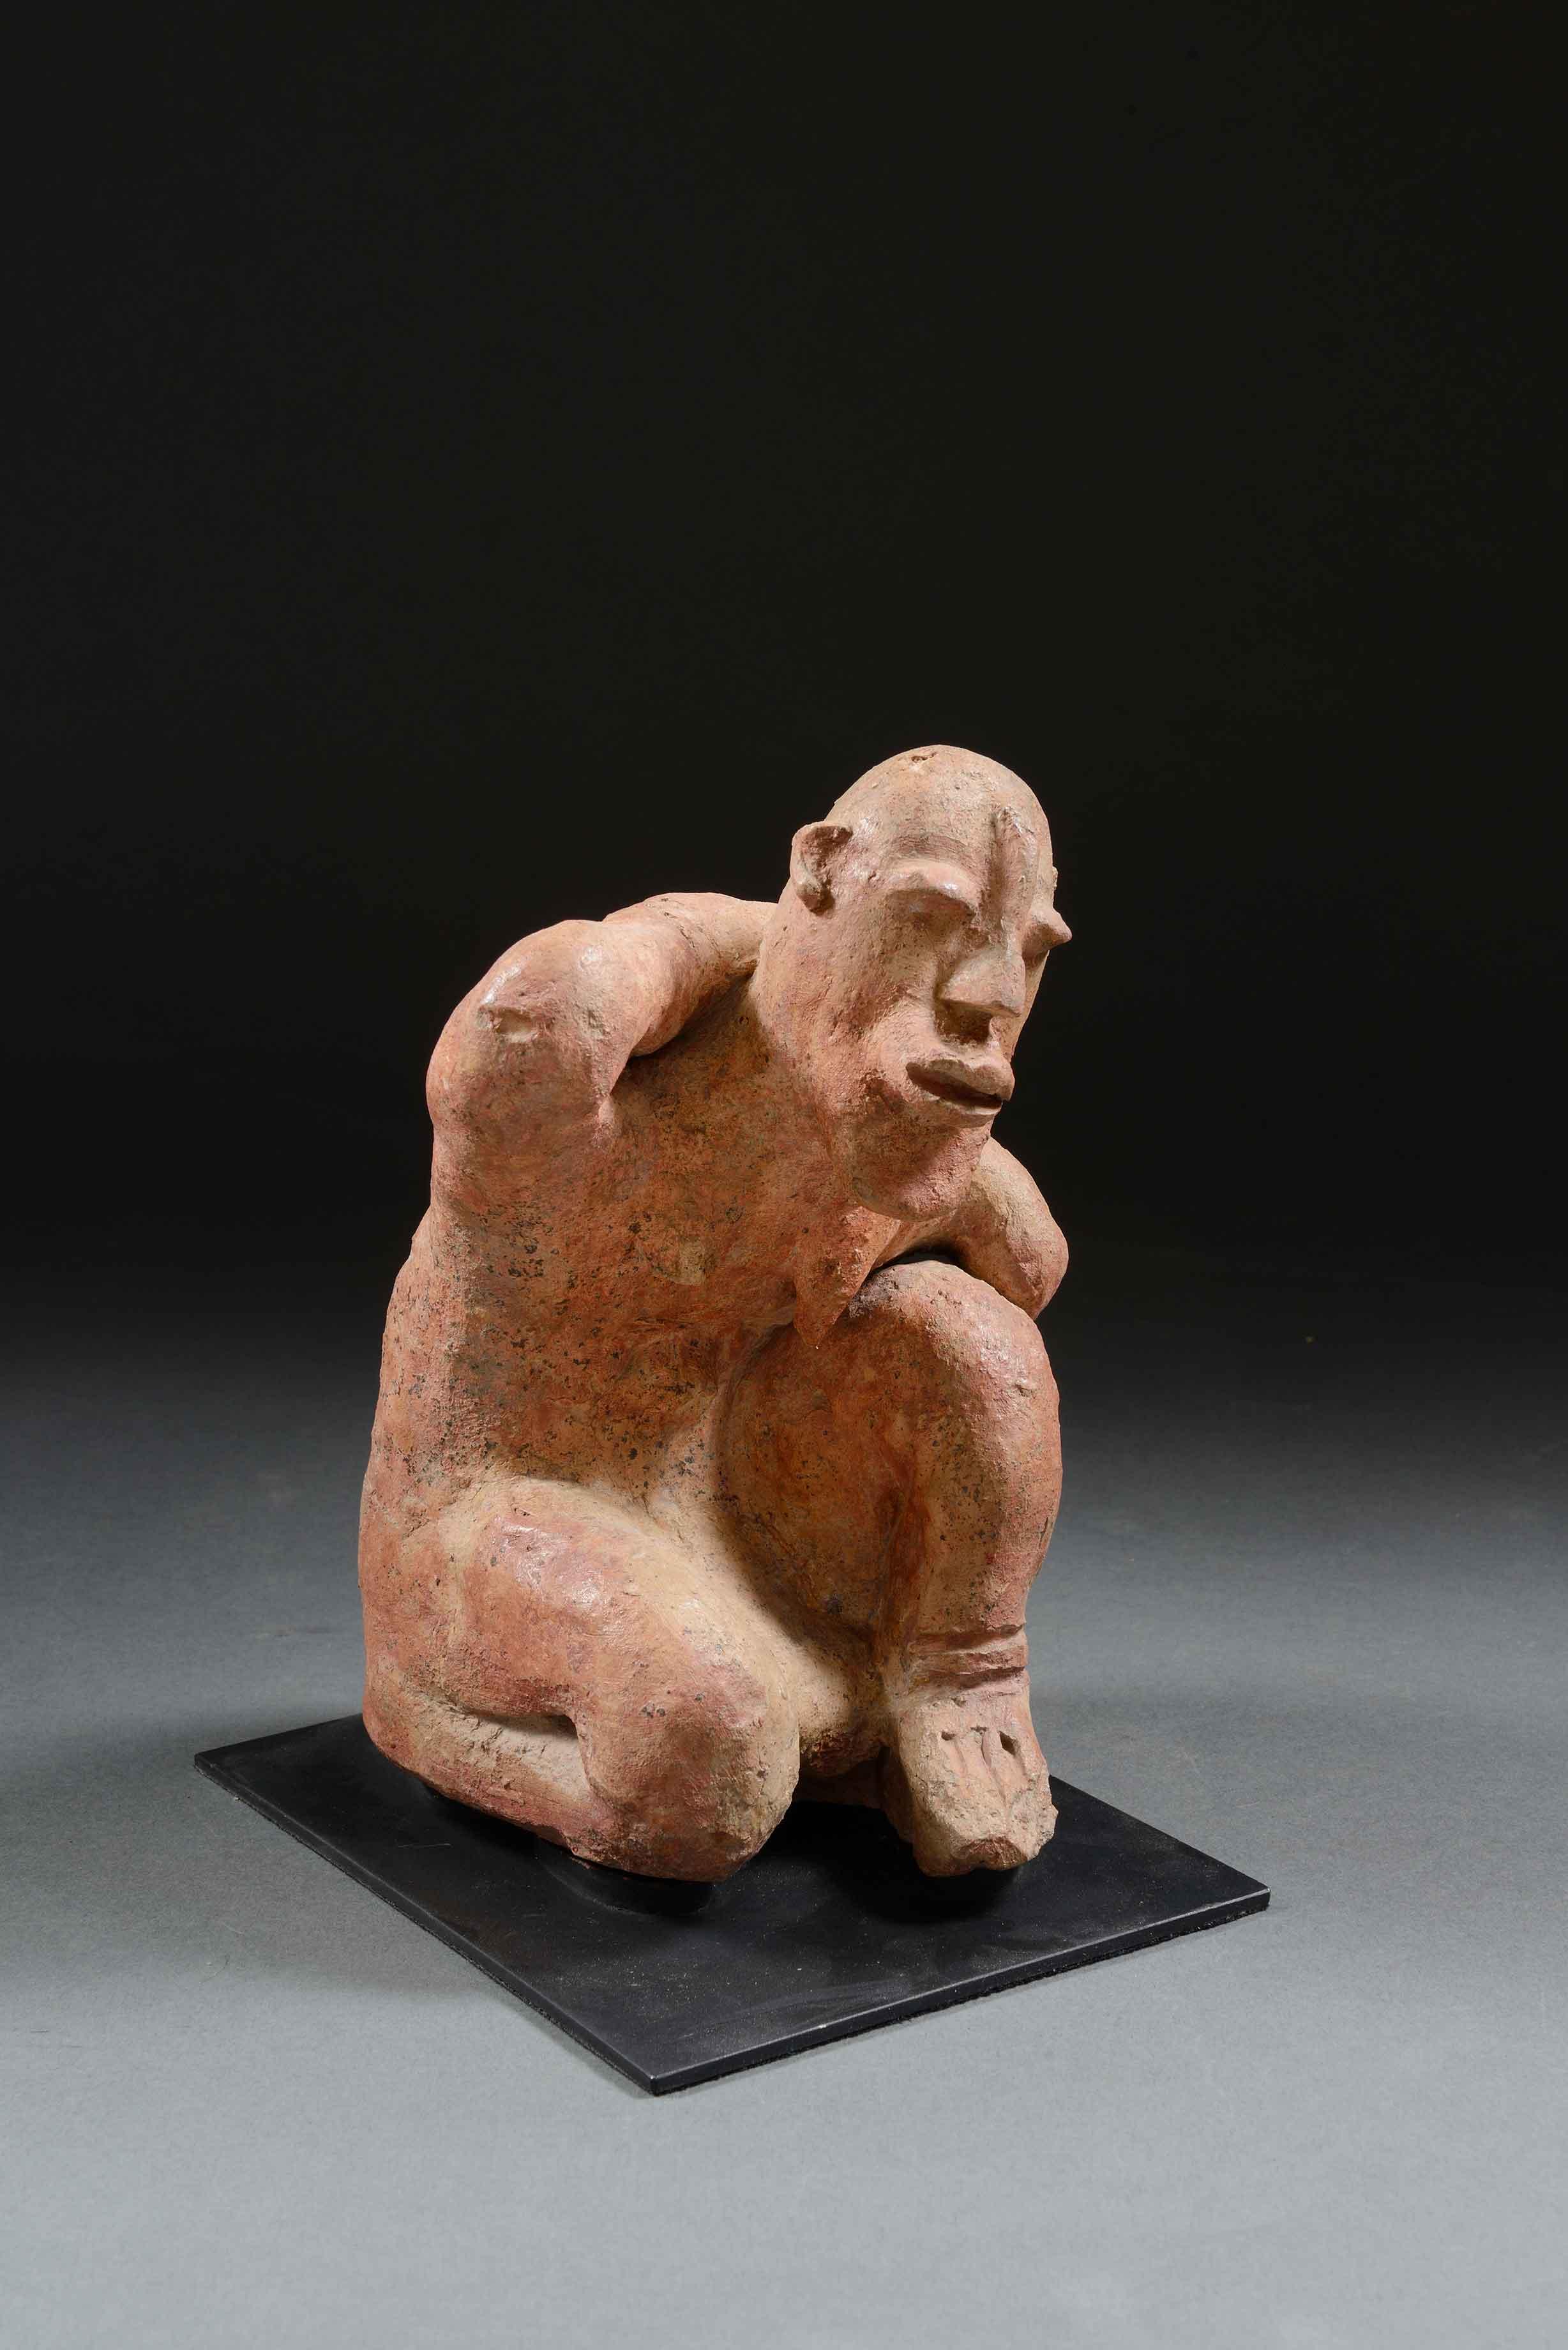 Figura de mujer arodillada - Cultura djenne